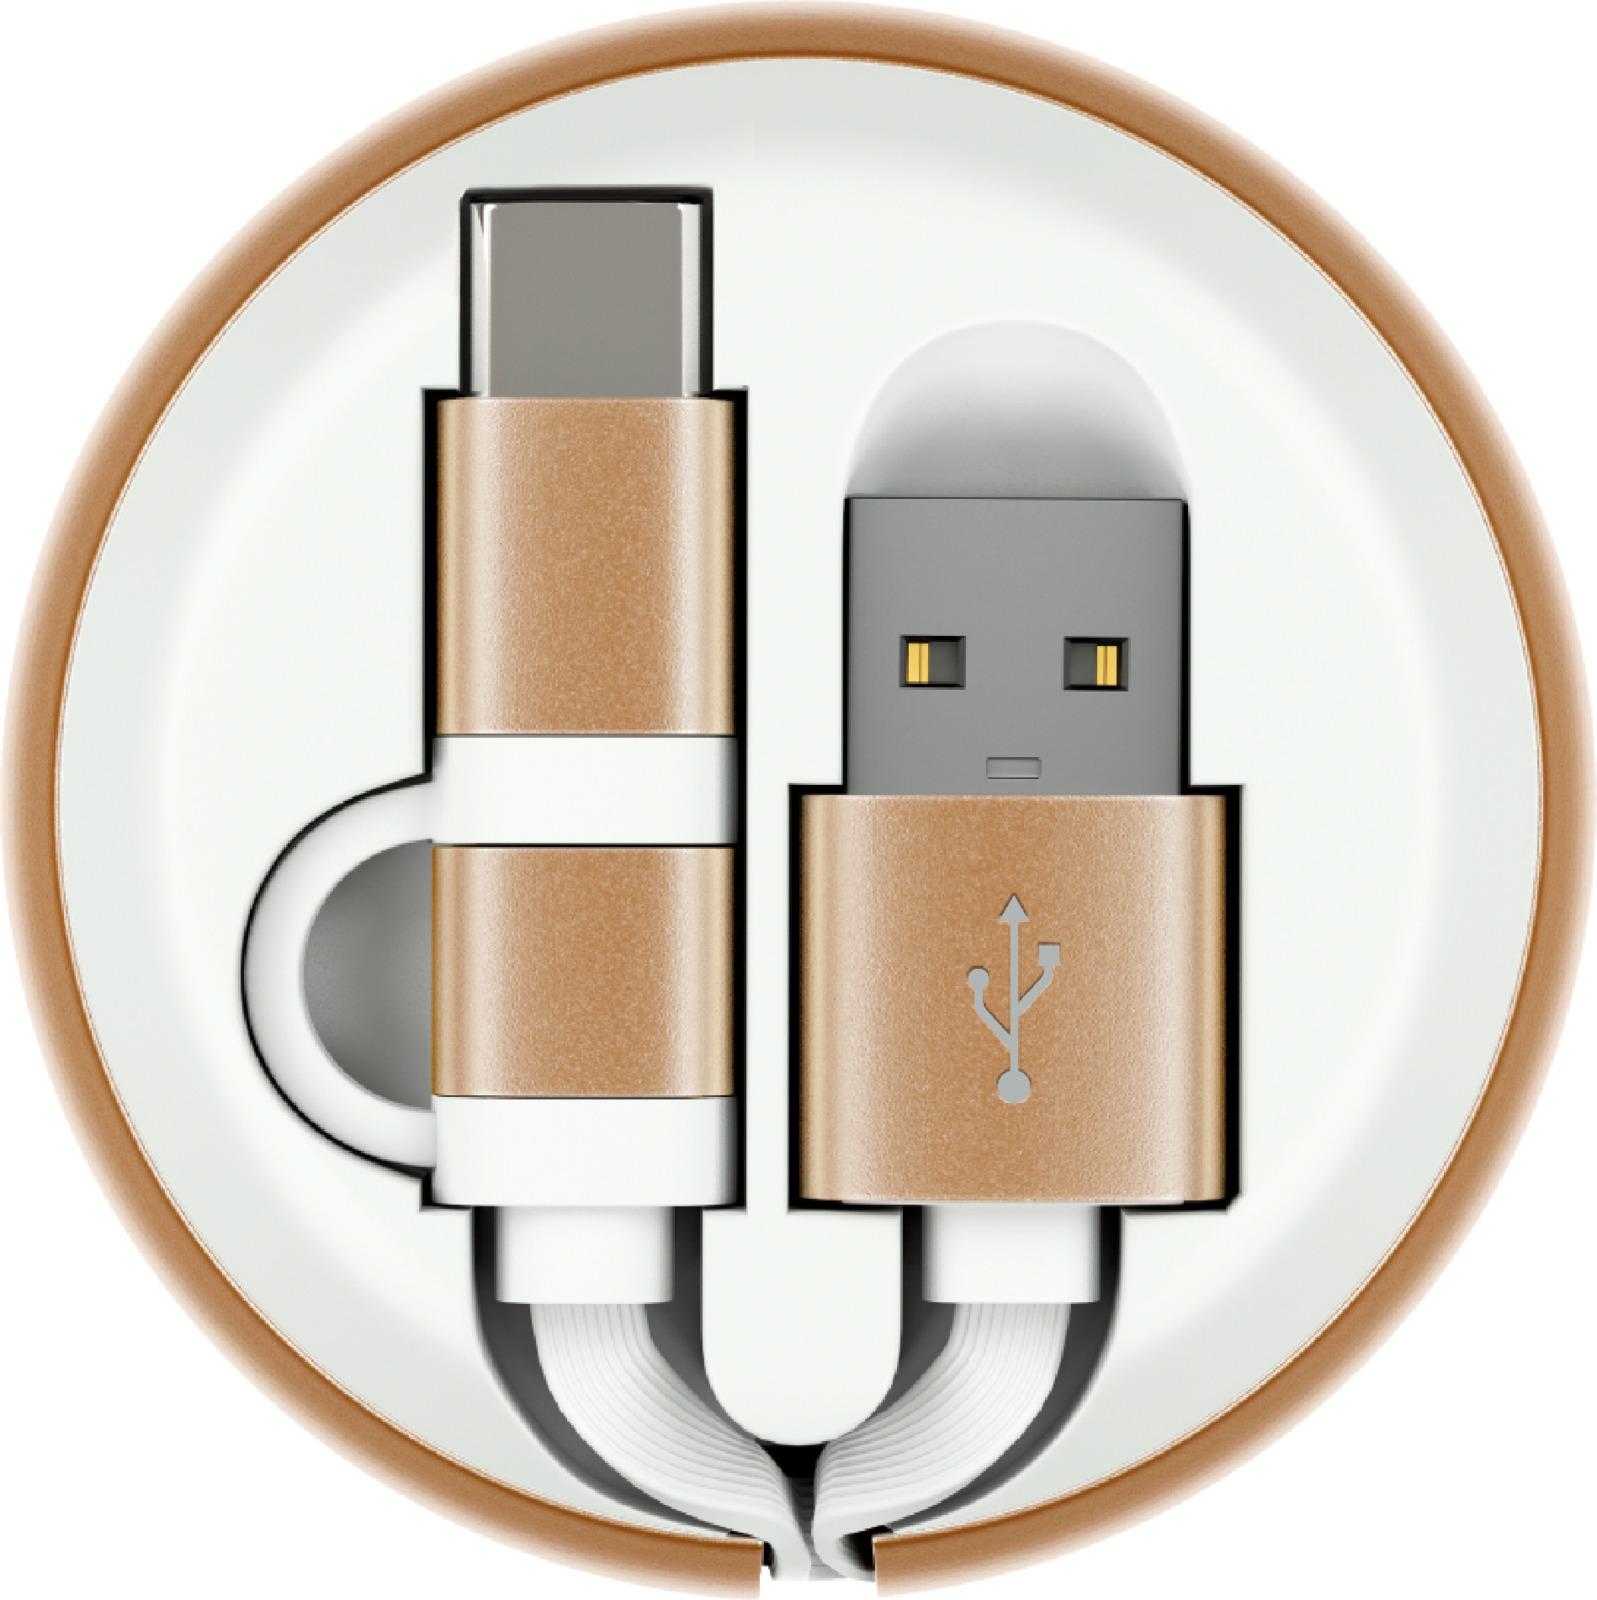 цена на Кабель-рулетка Interstep MicroUSB + TypeC USB 2.0, 65581, белый, золотой, 1 м